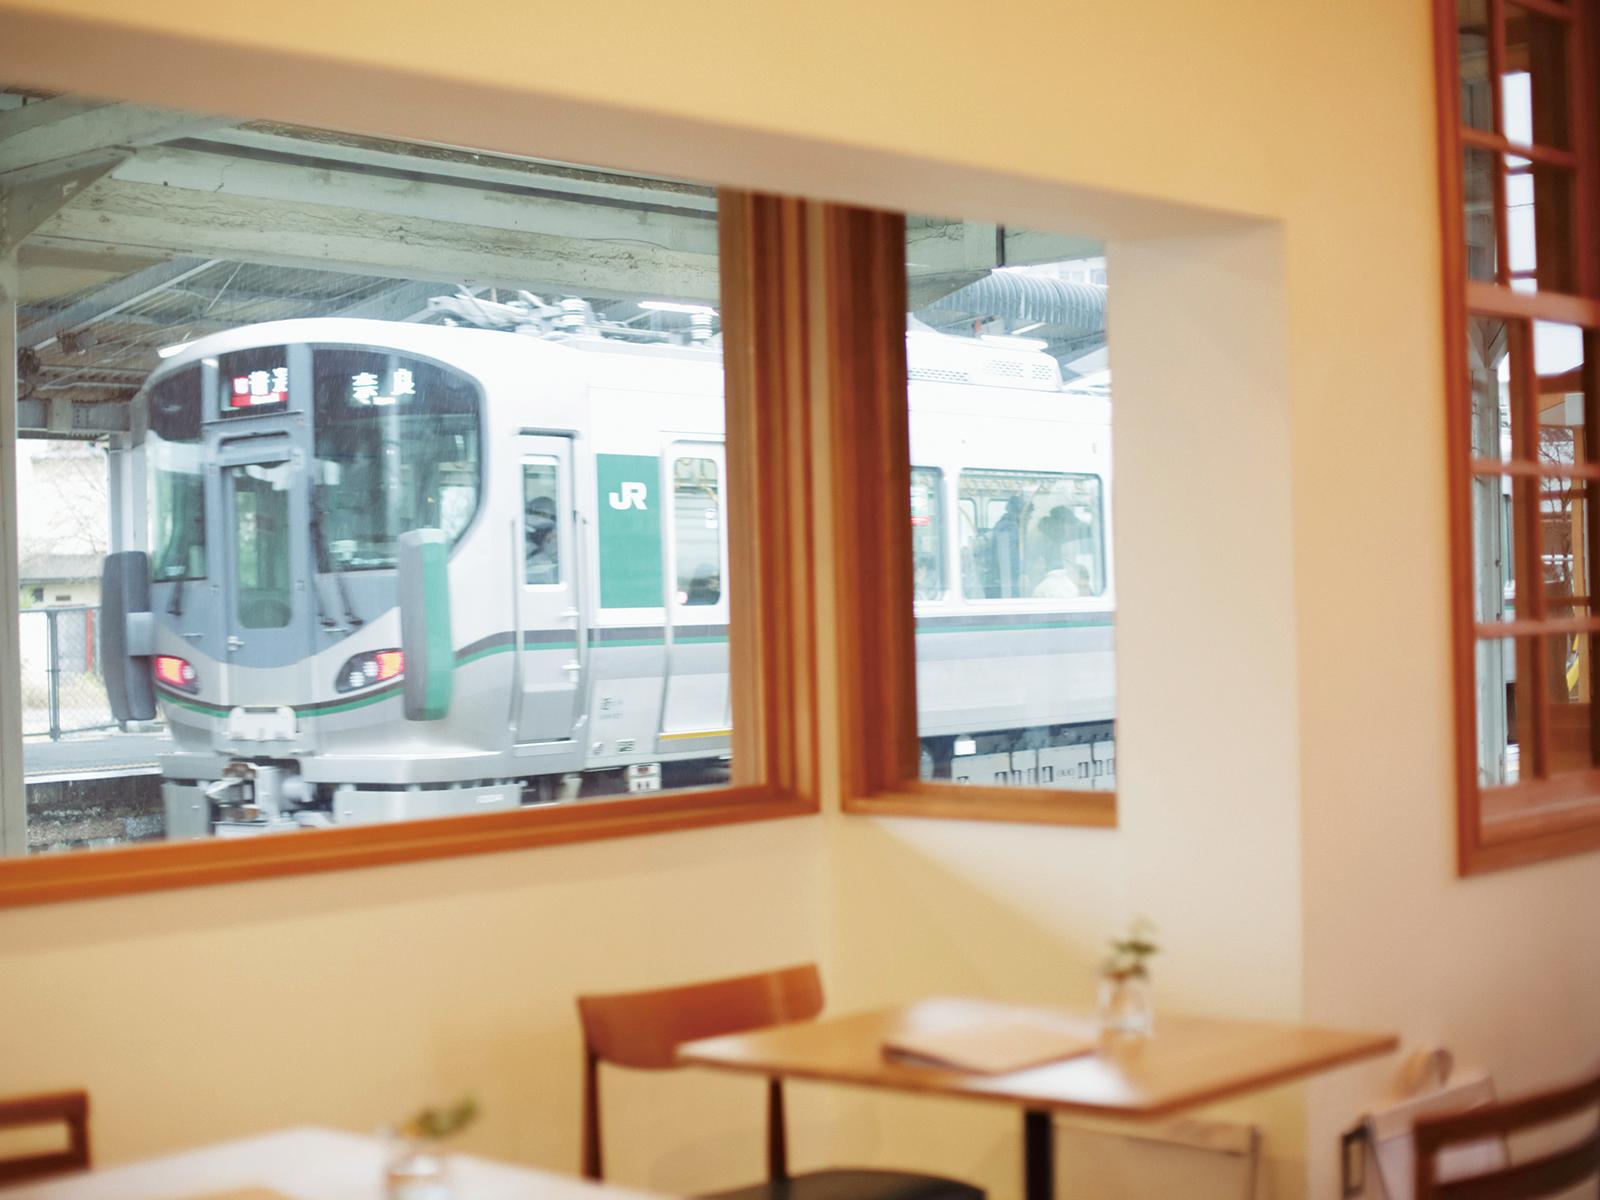 """京終駅のホームに面している『ハテノミドリ』の窓は、 入ってくる電車や乗降客を""""額縁""""のように切り取る。"""